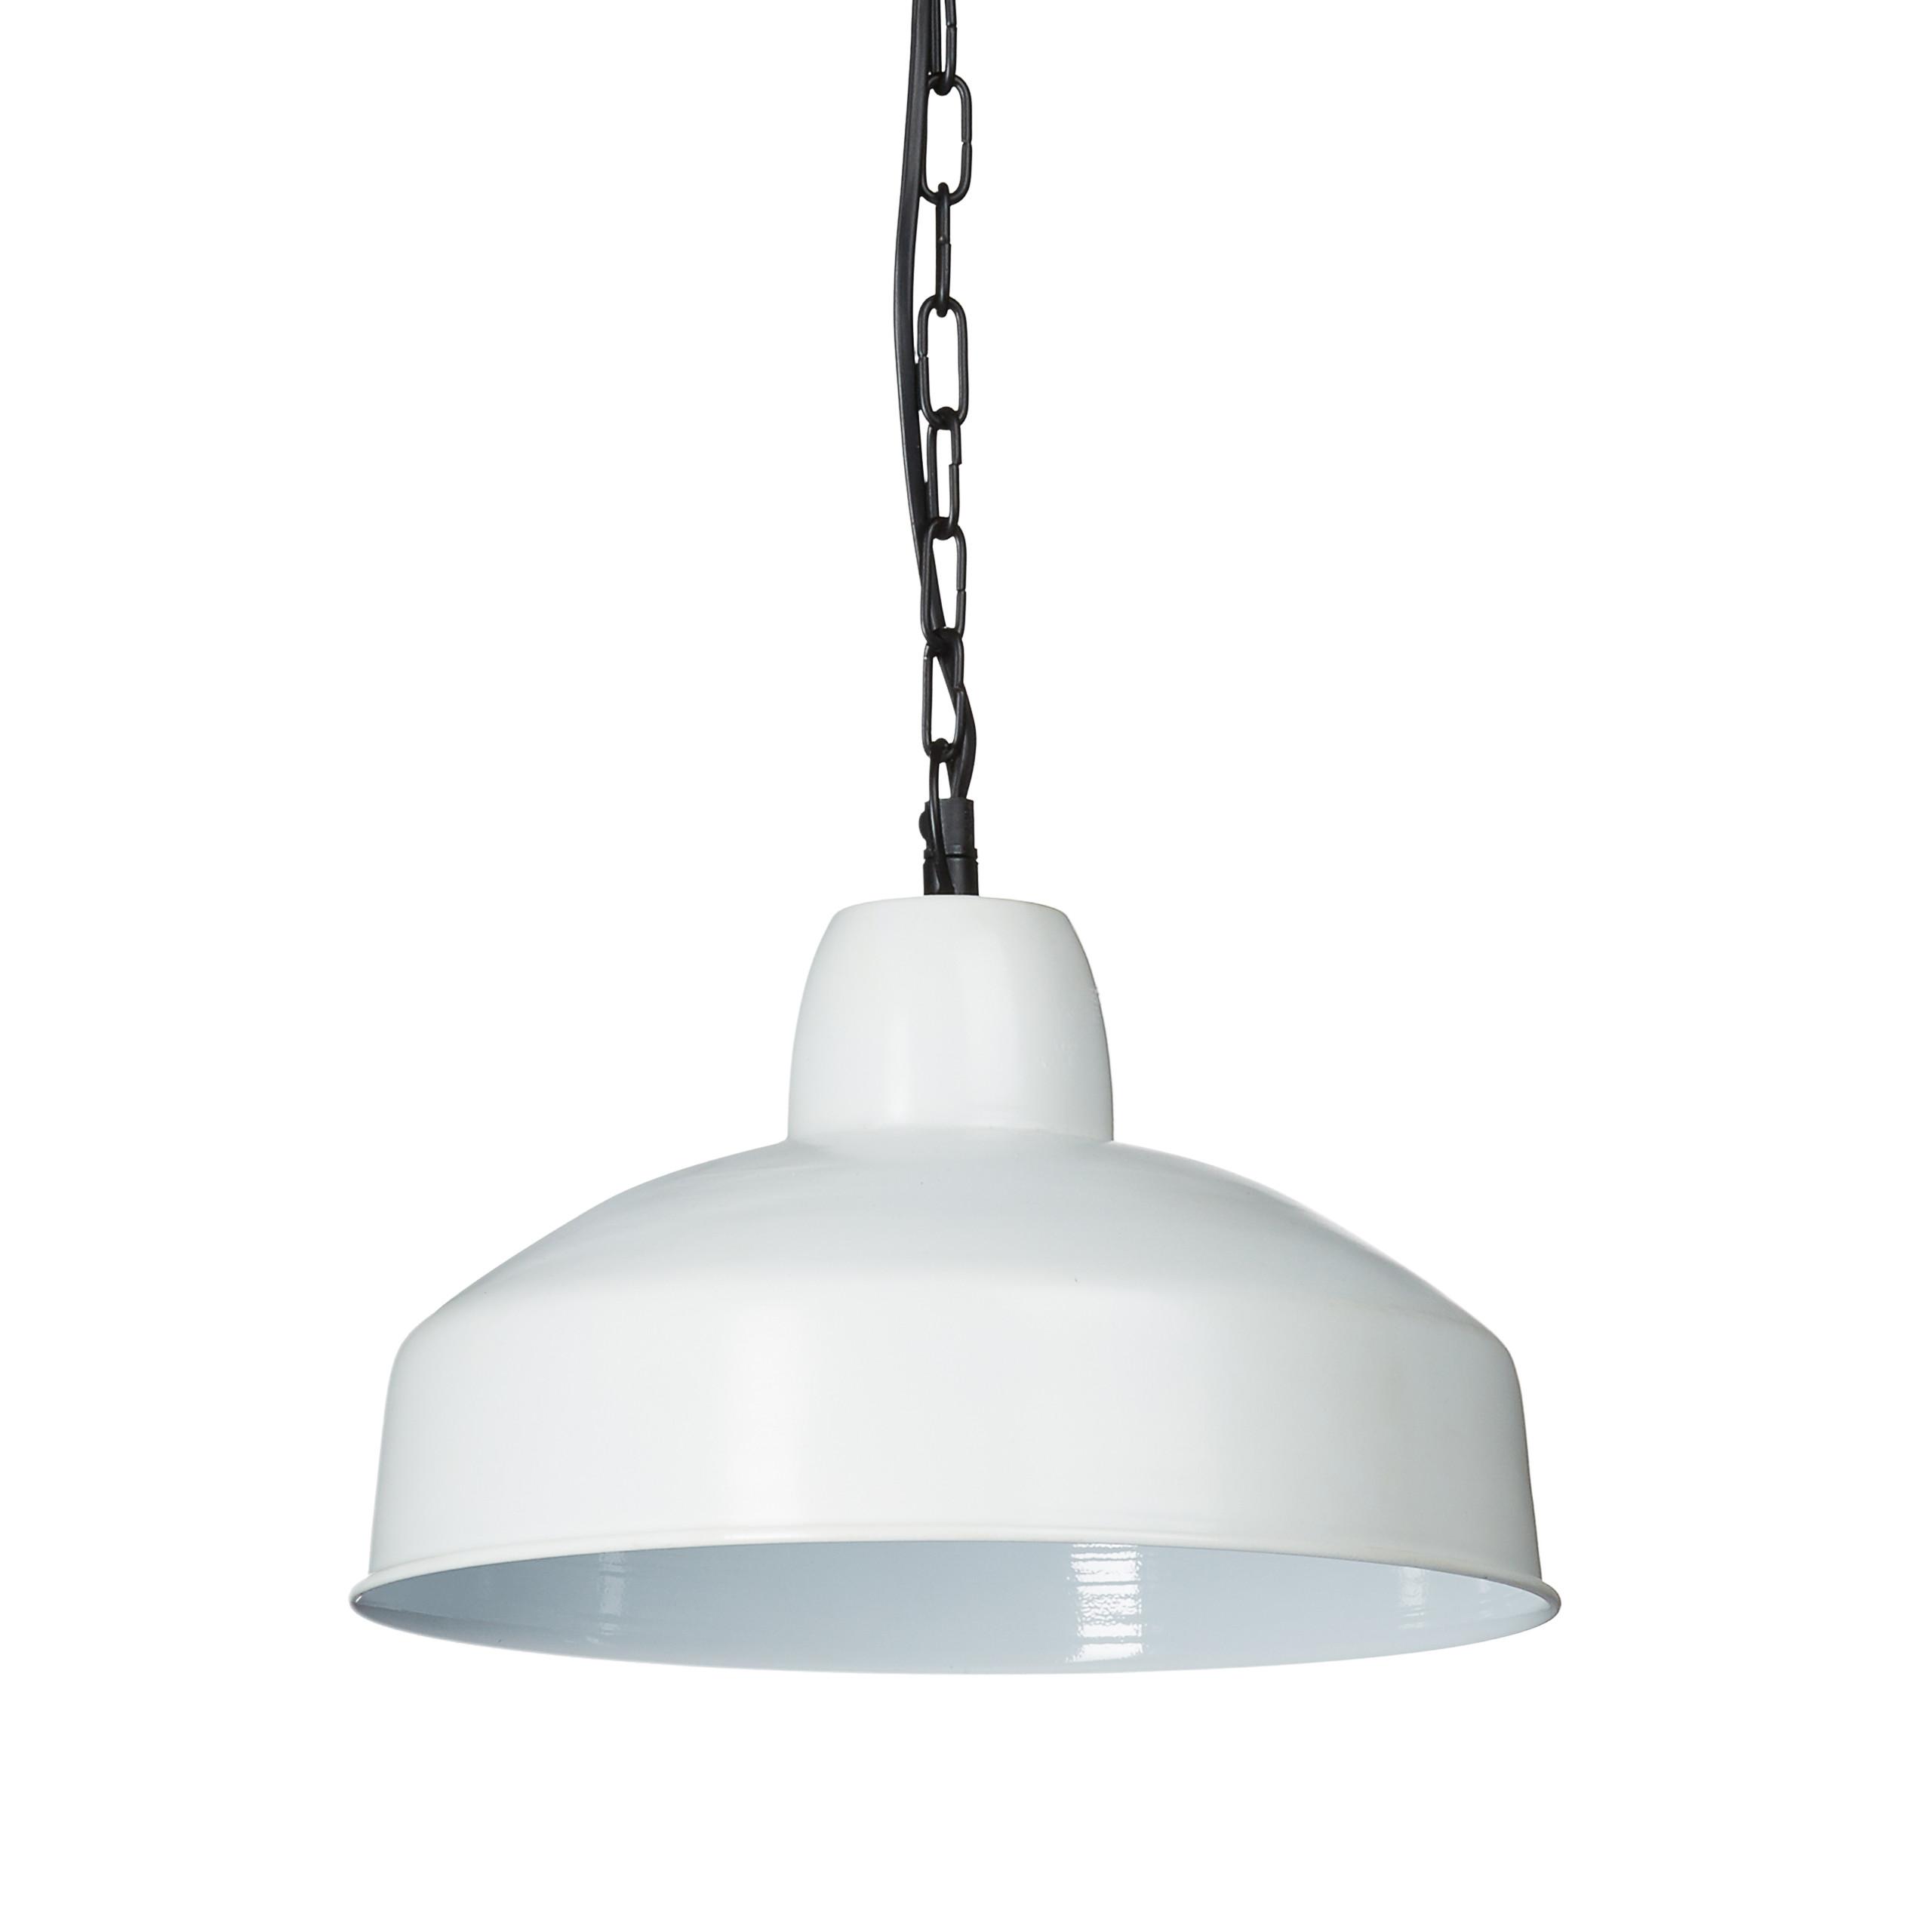 Lampara-colgante-de-techo-color-blanco-diseno-industrial-iluminacion-hogar-casa